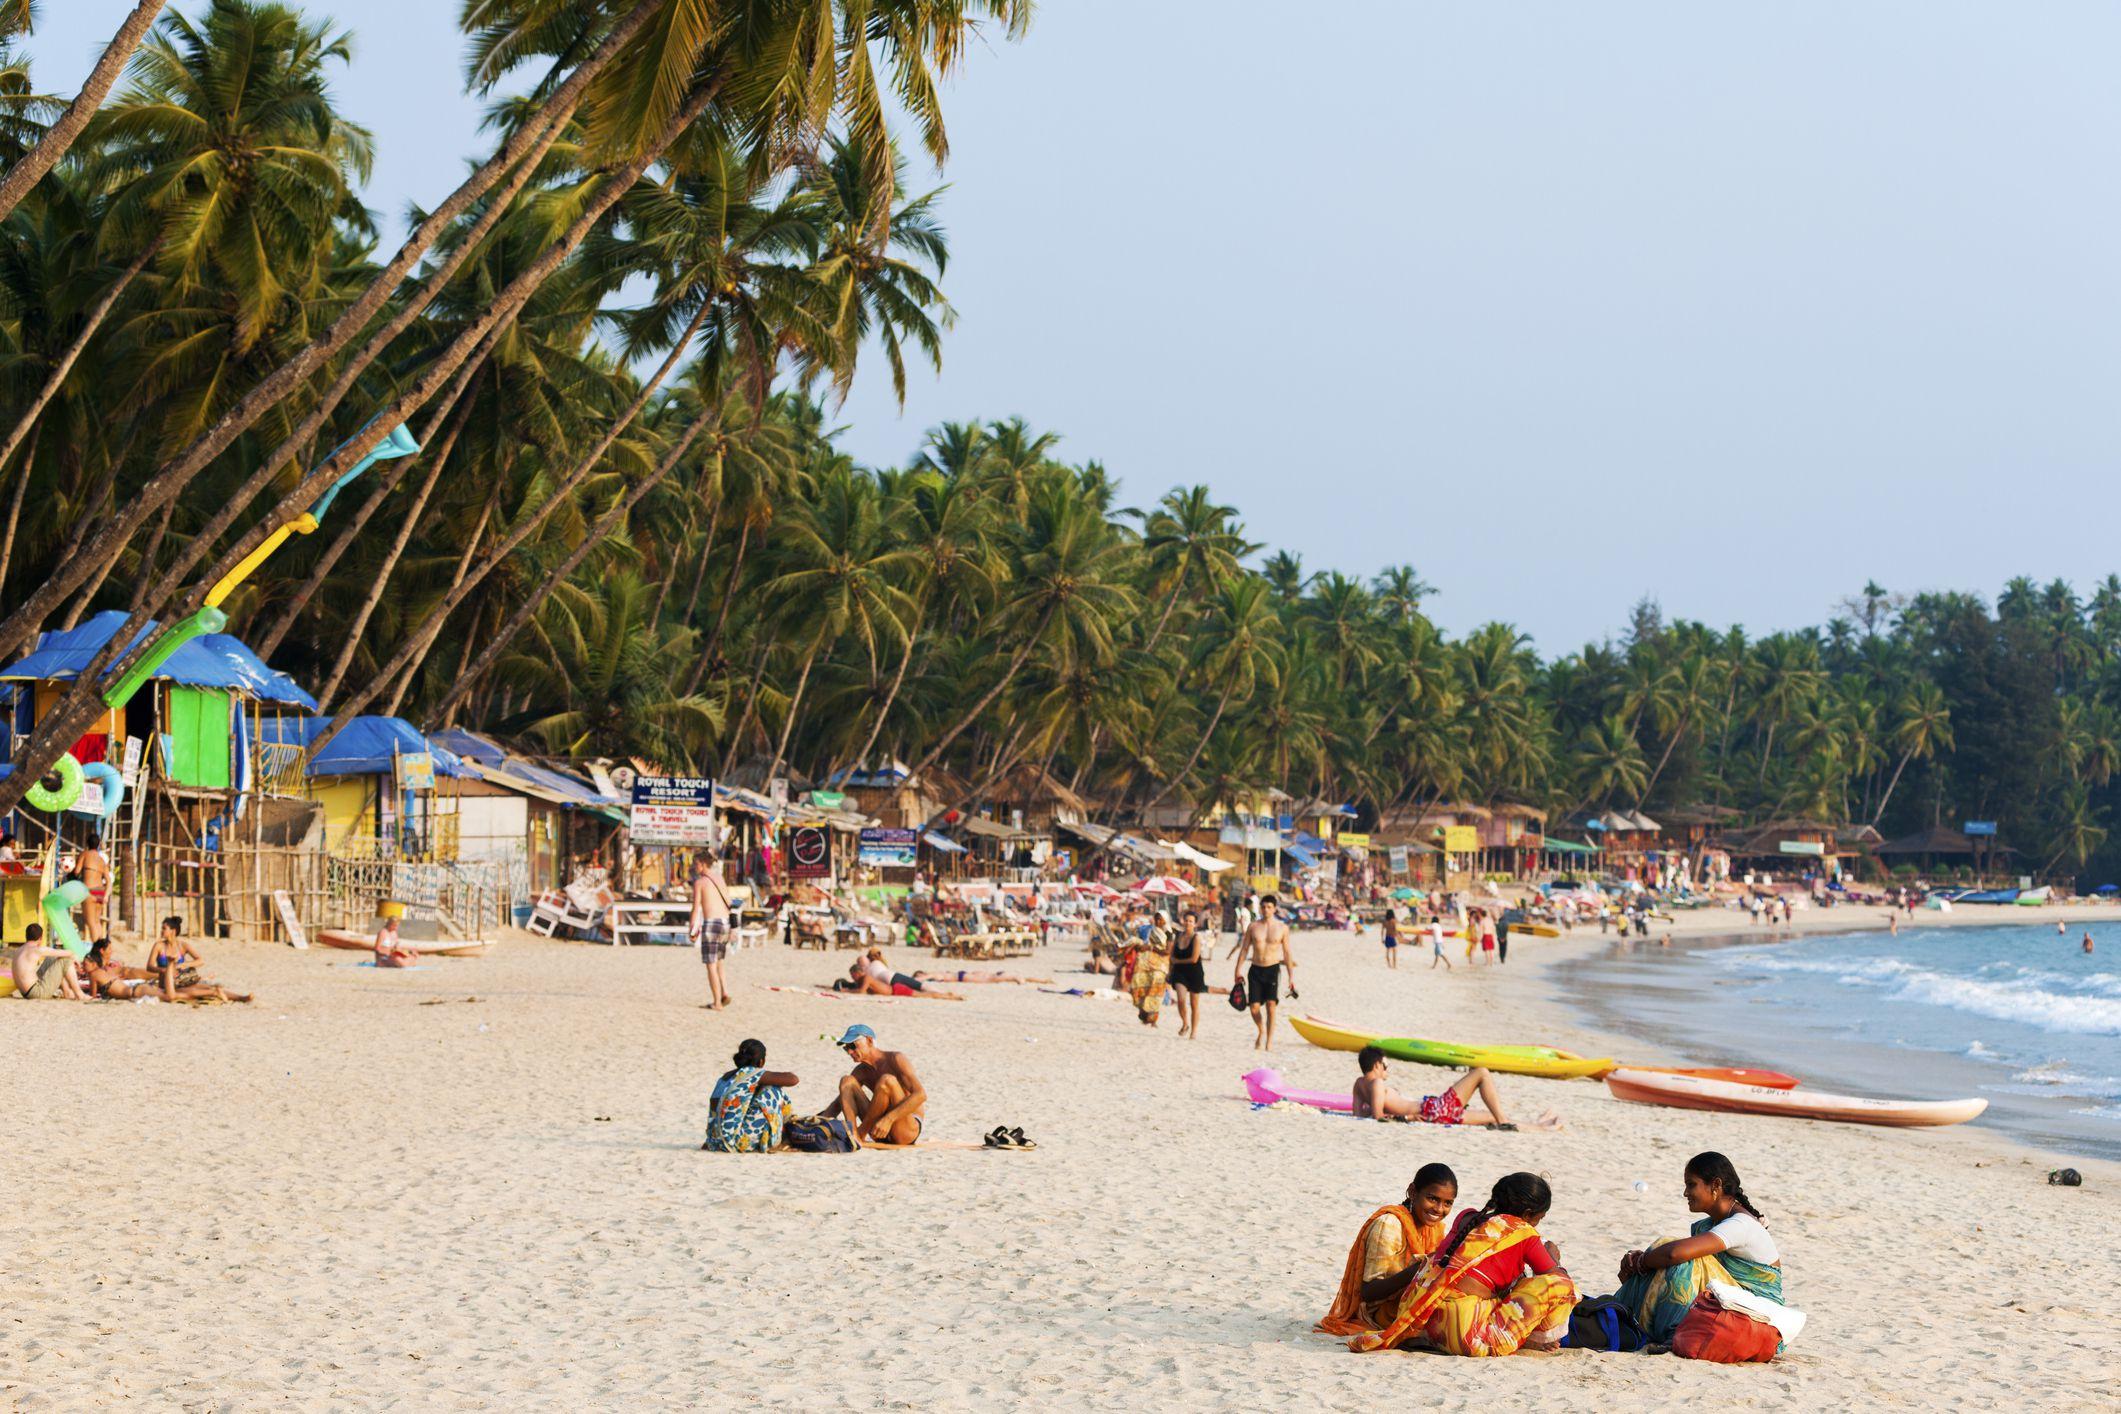 индия гоа пляжный отдых описание фото счет